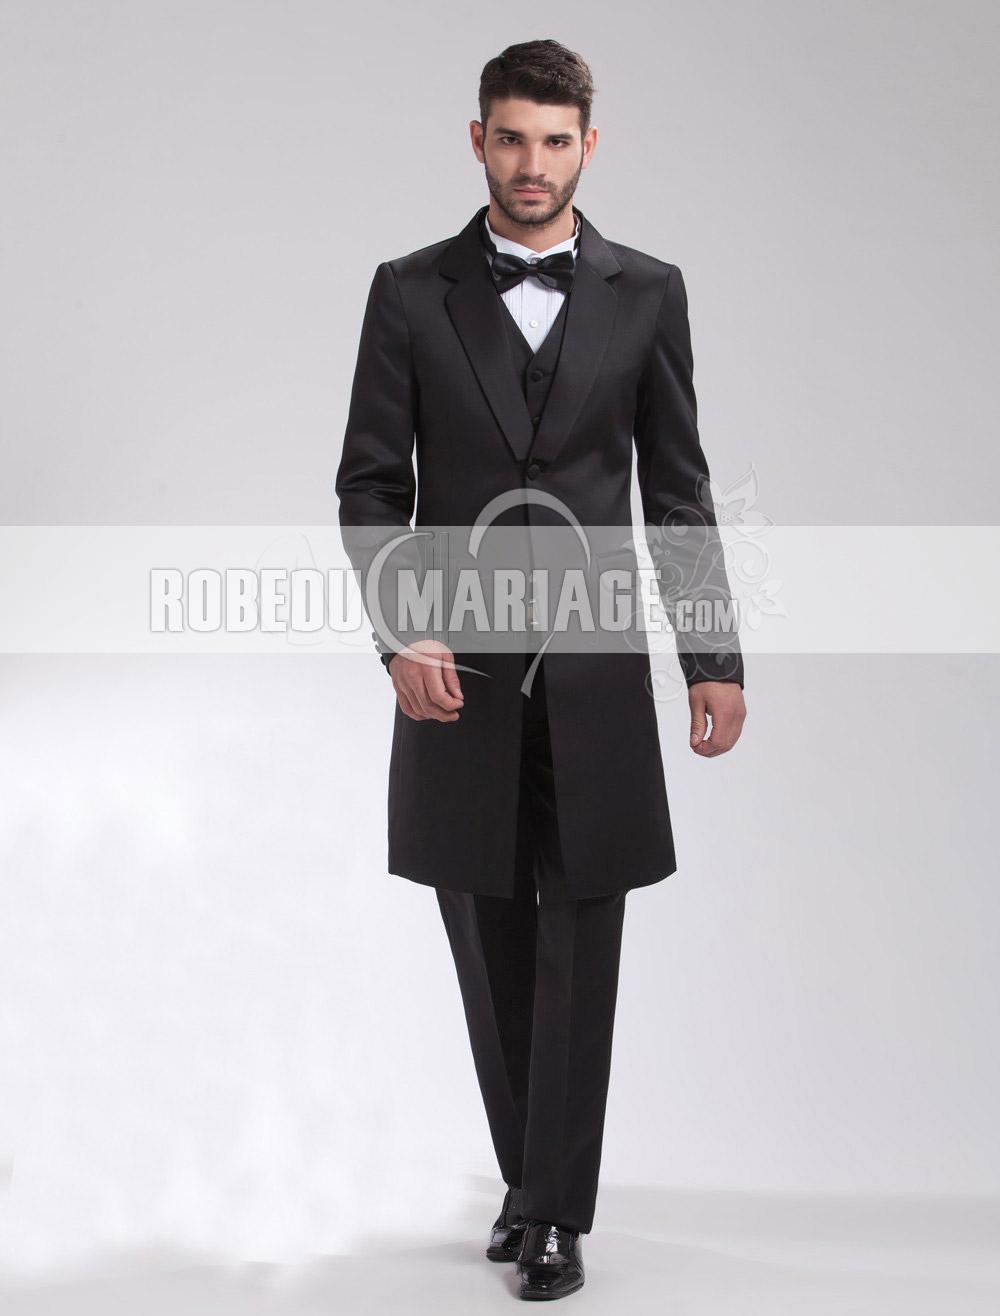 Costume de mariage fabuleuse costume d affaires avec 4 pièces ... 4f9f6c41b86